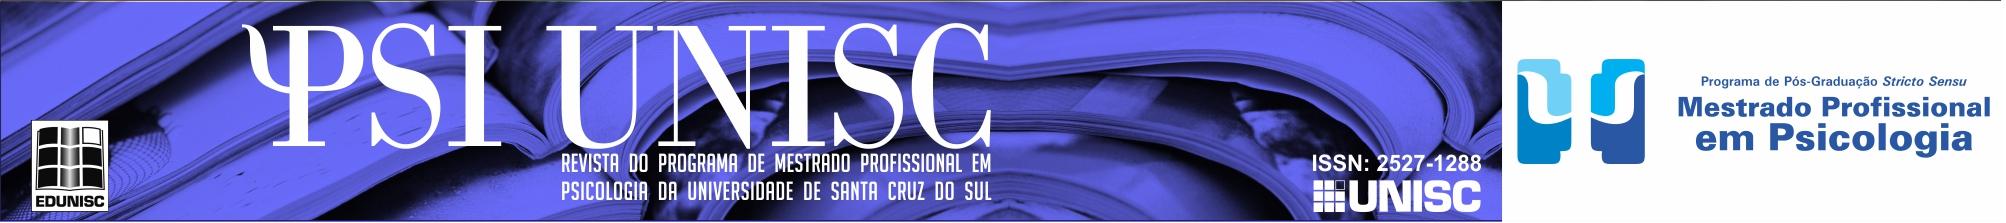 PSI UNISC - revista do departamento de psicologia - Universidade de Santa Cruz do Sul